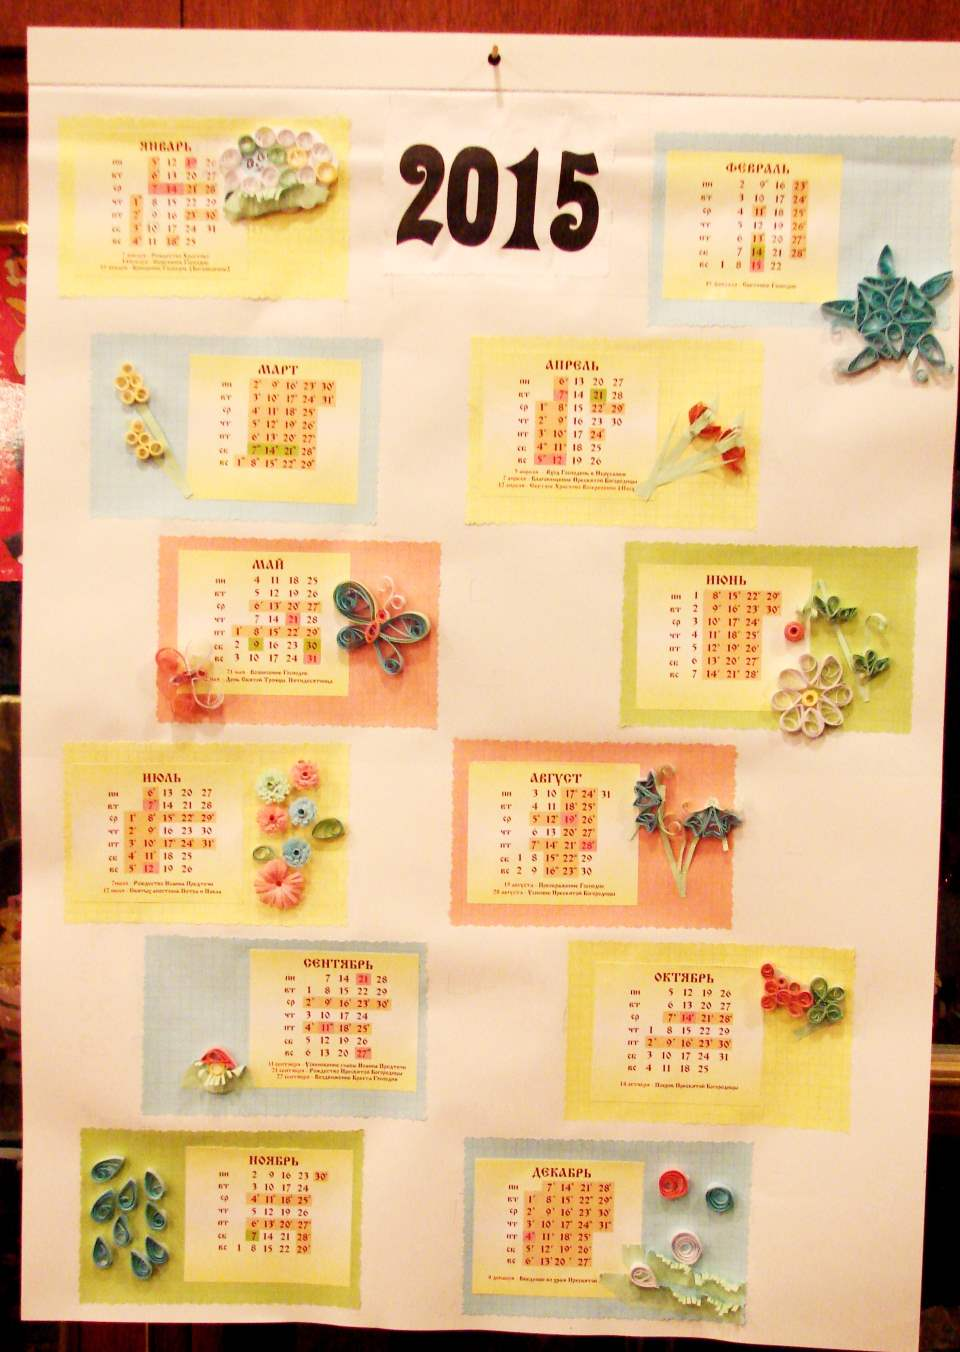 Настенный календарь своими руками - вырезаем и наклеиваем цифры 2015